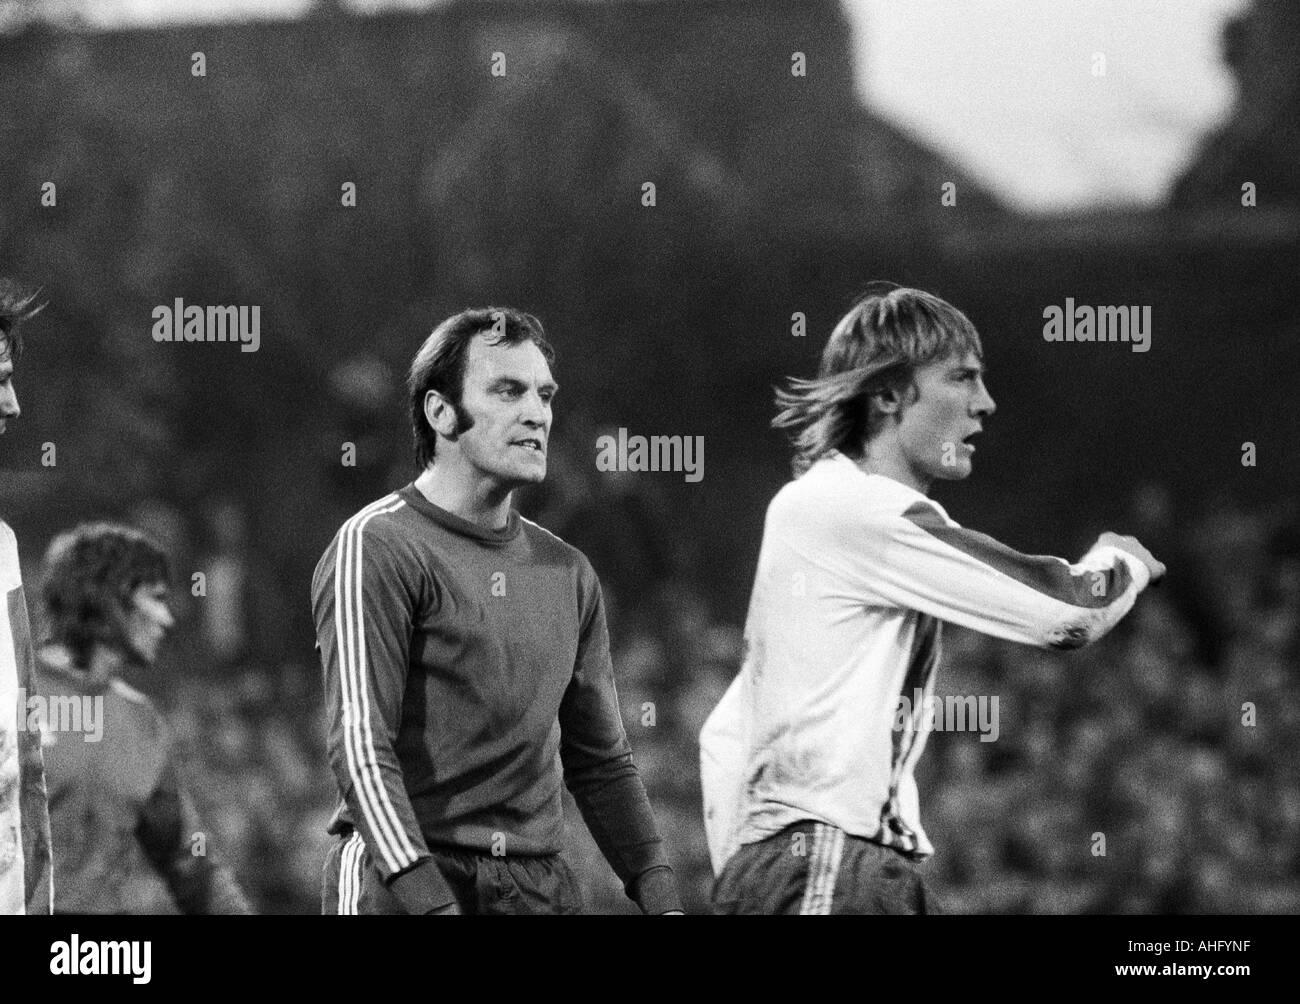 football, Bundesliga, 1973/1974, VfL Bochum versus FC Bayern Munich 0:1, Stadium at the Castroper Strasse in Bochum, scene of the match, left Franz Roth (FCB), right Jupp Tenhagen (Bochum) - Stock Image